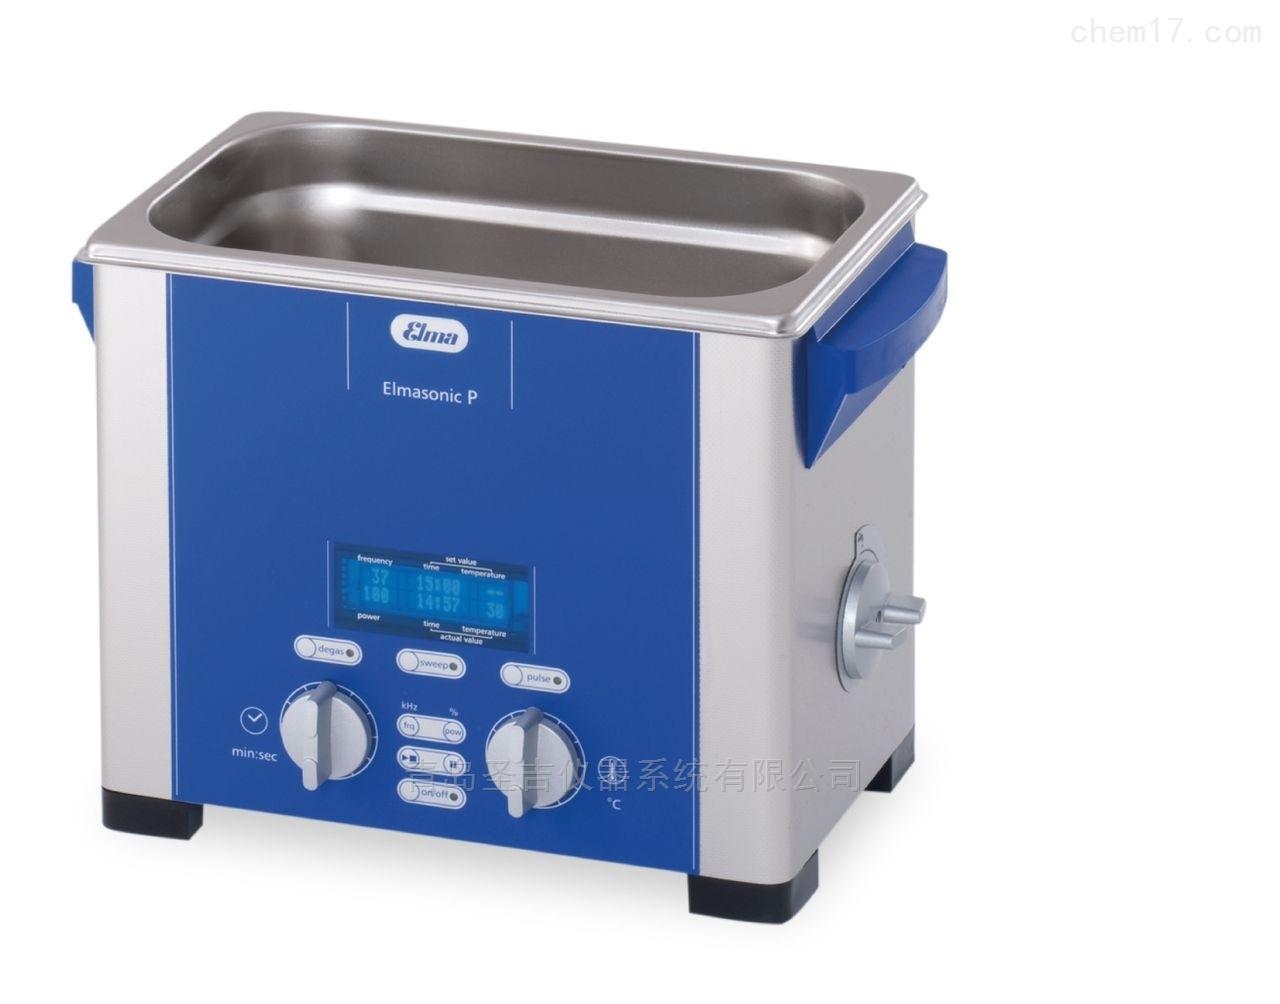 德国Elma P专业型超声波清洗机 理化仪器